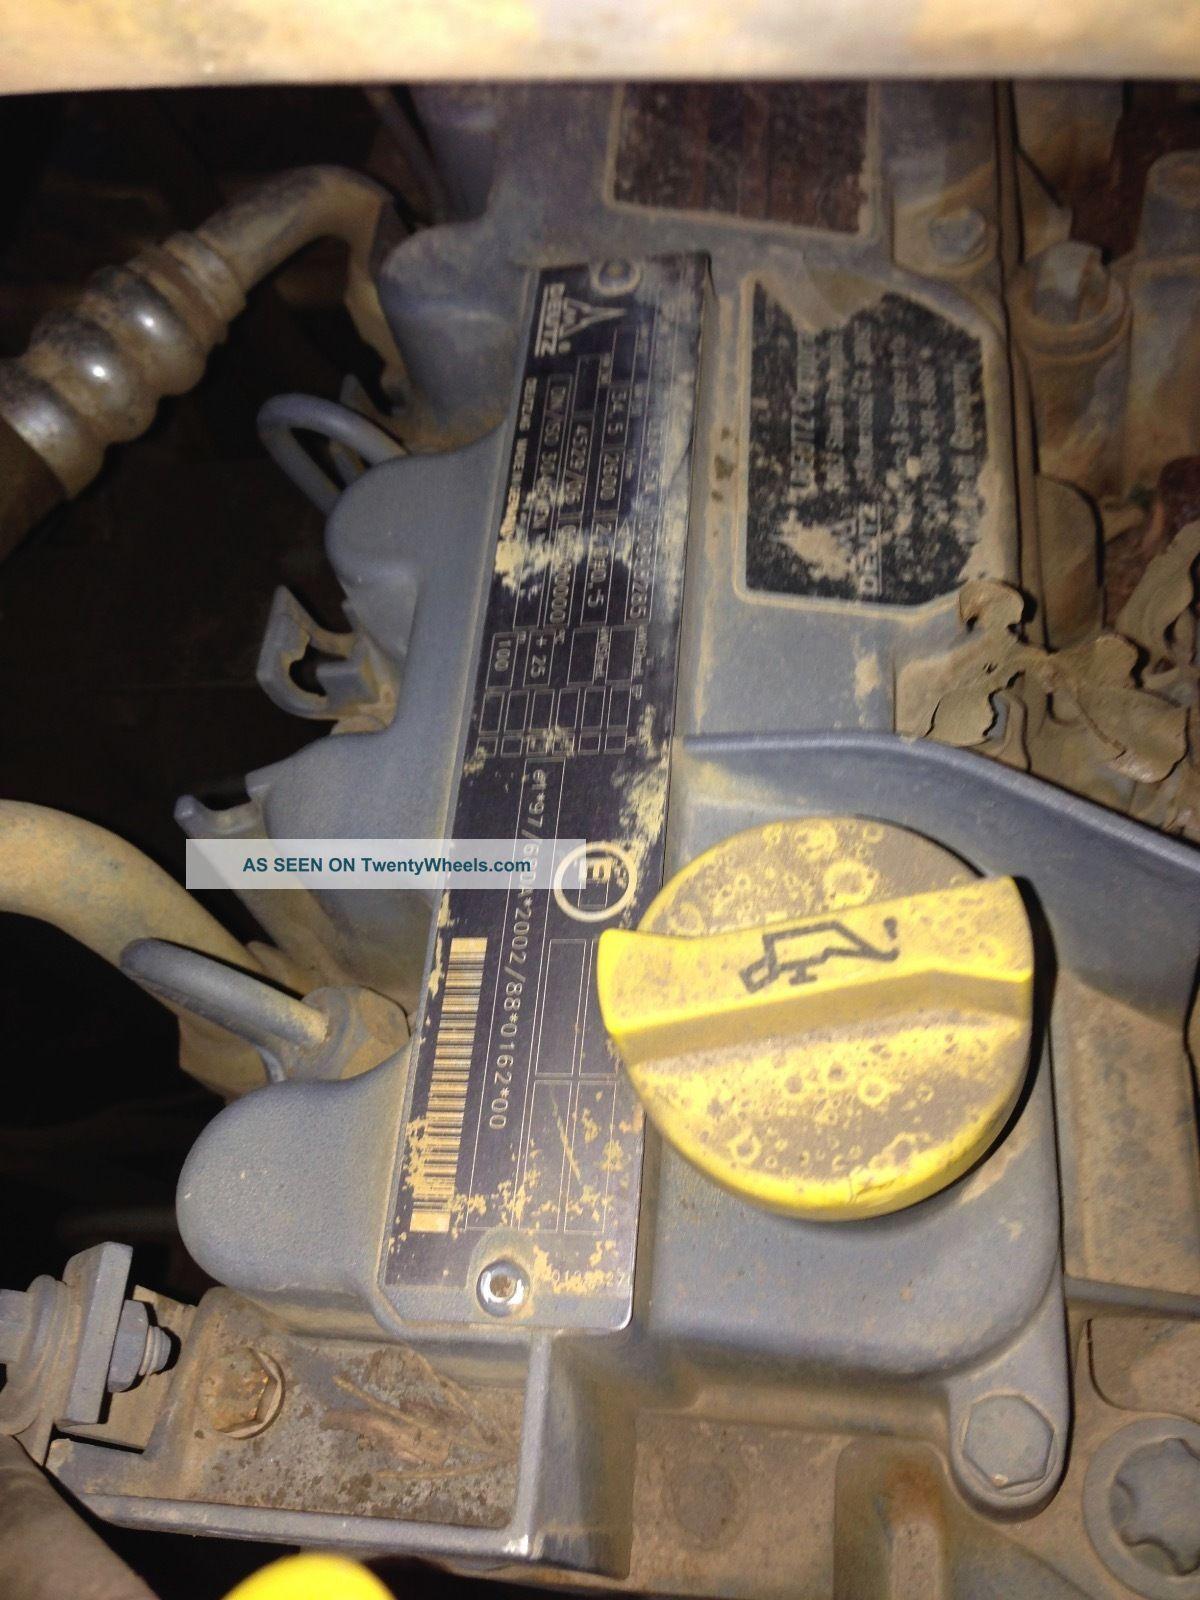 Gehl Wheel Skid Steer 4640 With Fork 1500 Hours